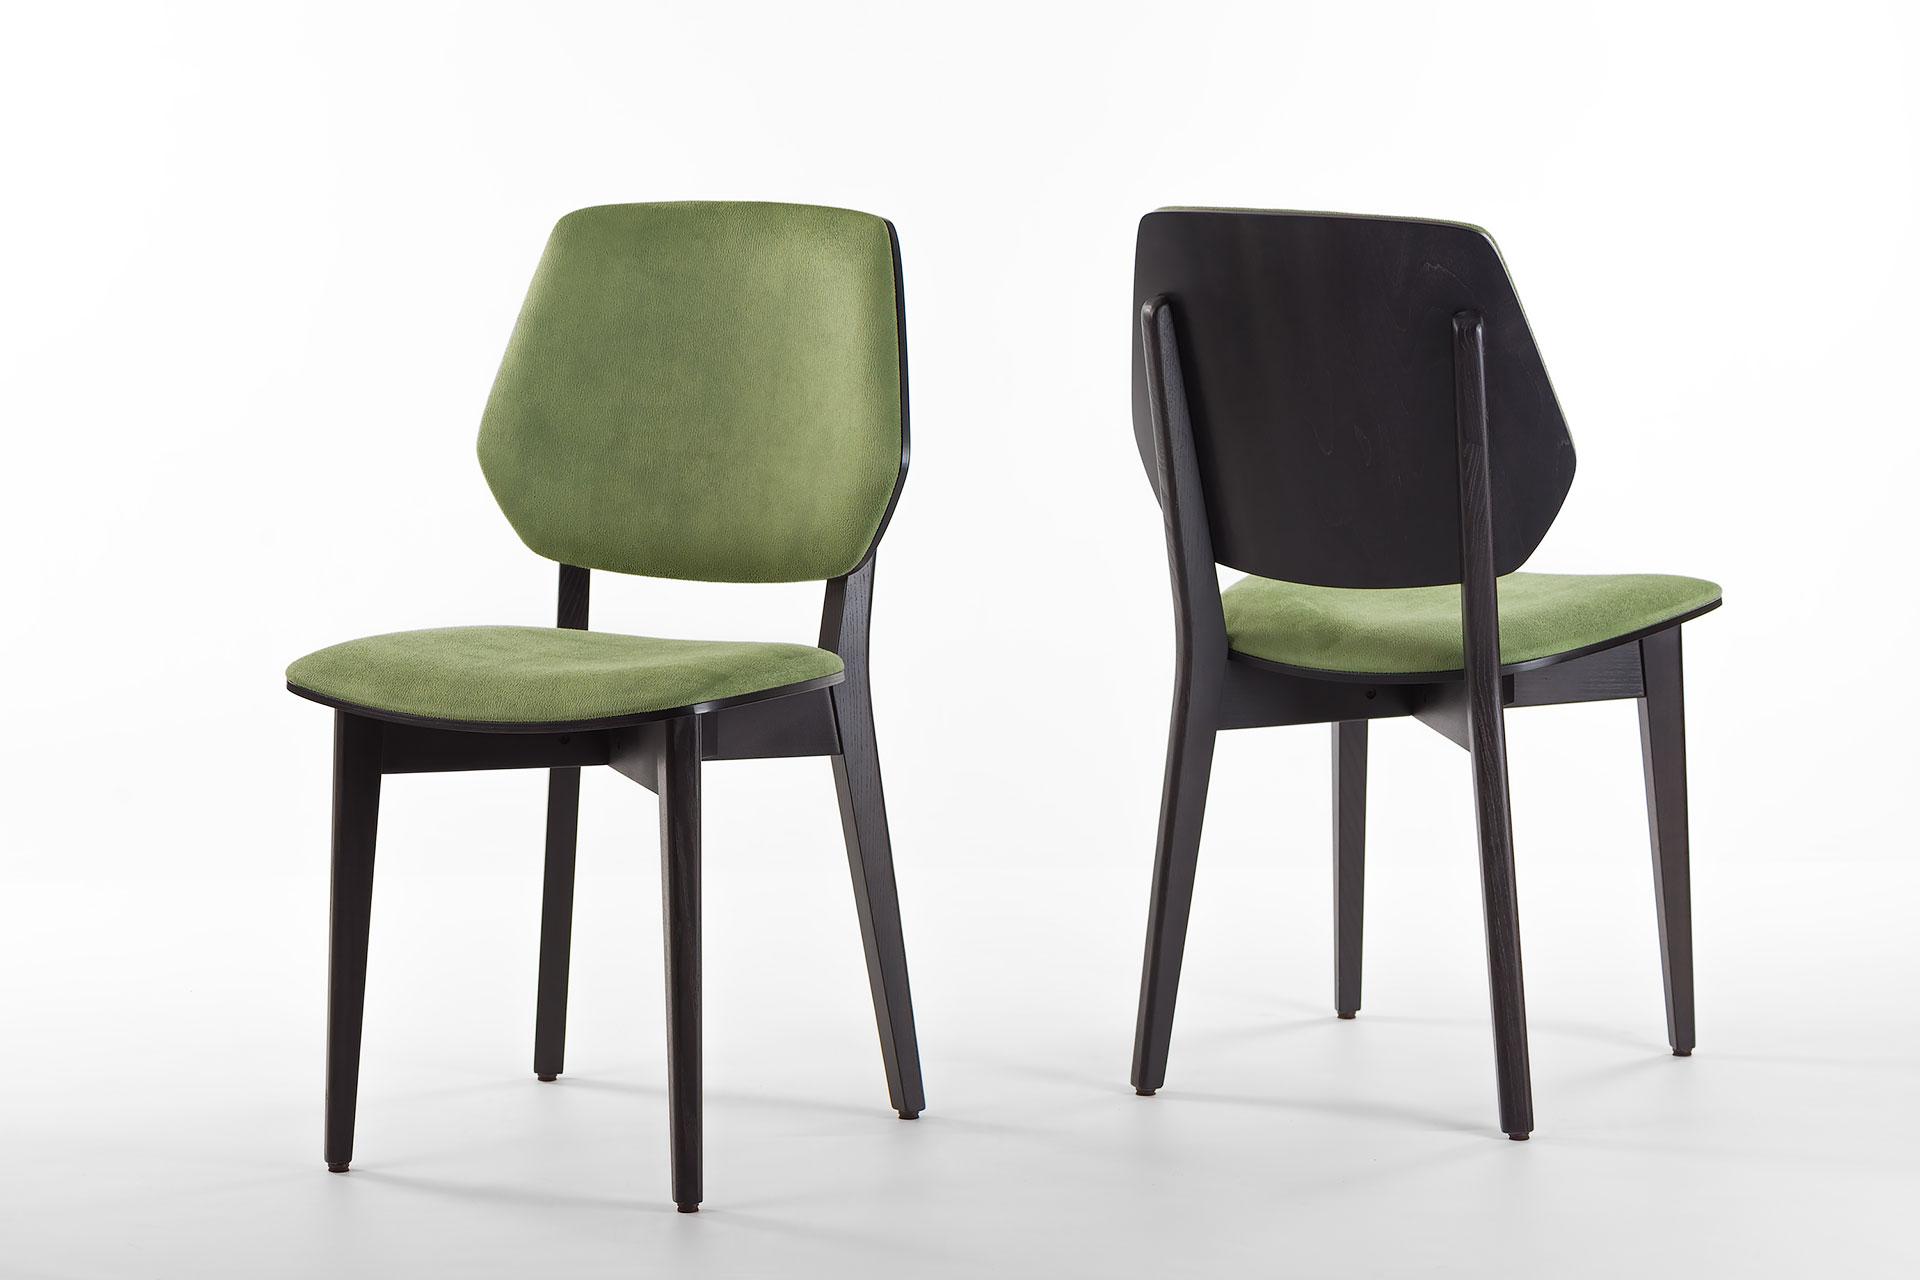 Кухонний стілець 03В чорно-зелений, м'які сидіння та спинка з штучної замші Exim Mustang Light Green, тверде дерево, колір виробу SE7059 (два стула)